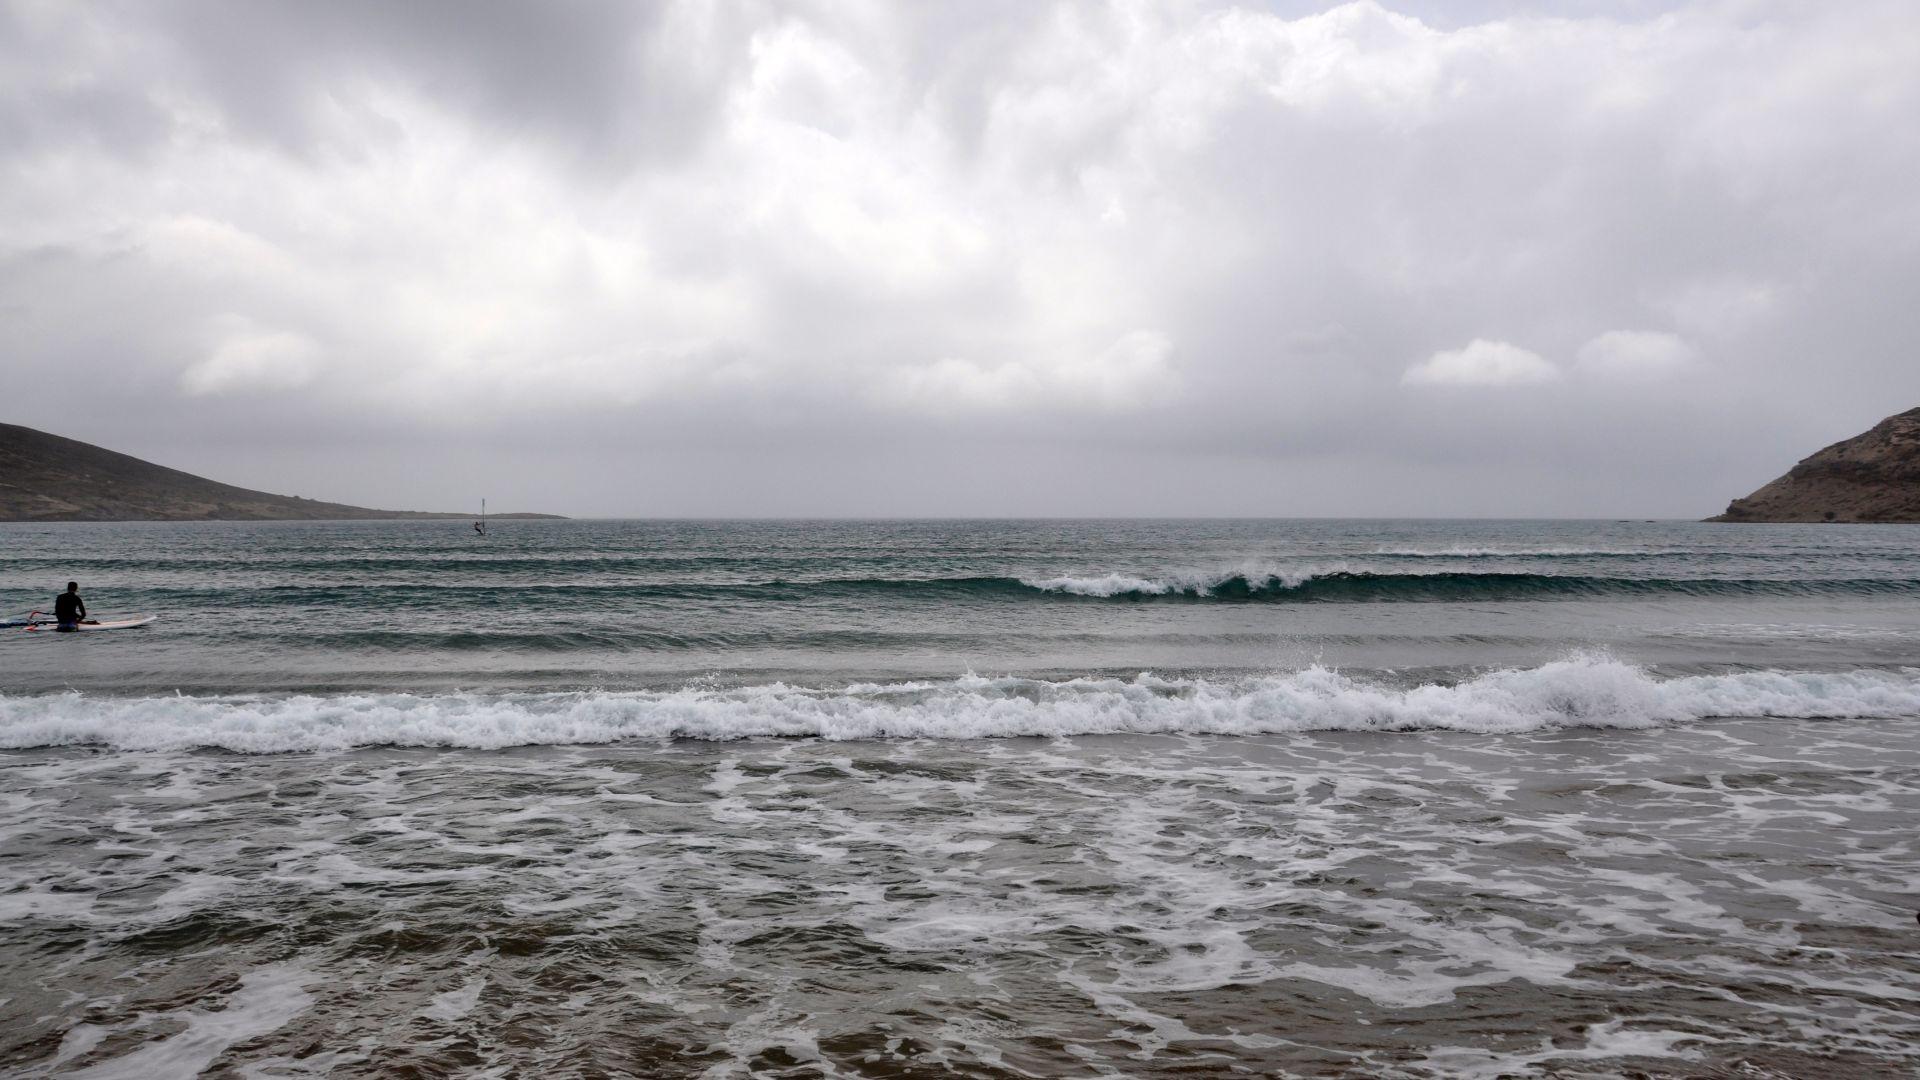 Външно към българите: Циклон удря южната част на Йонийско море